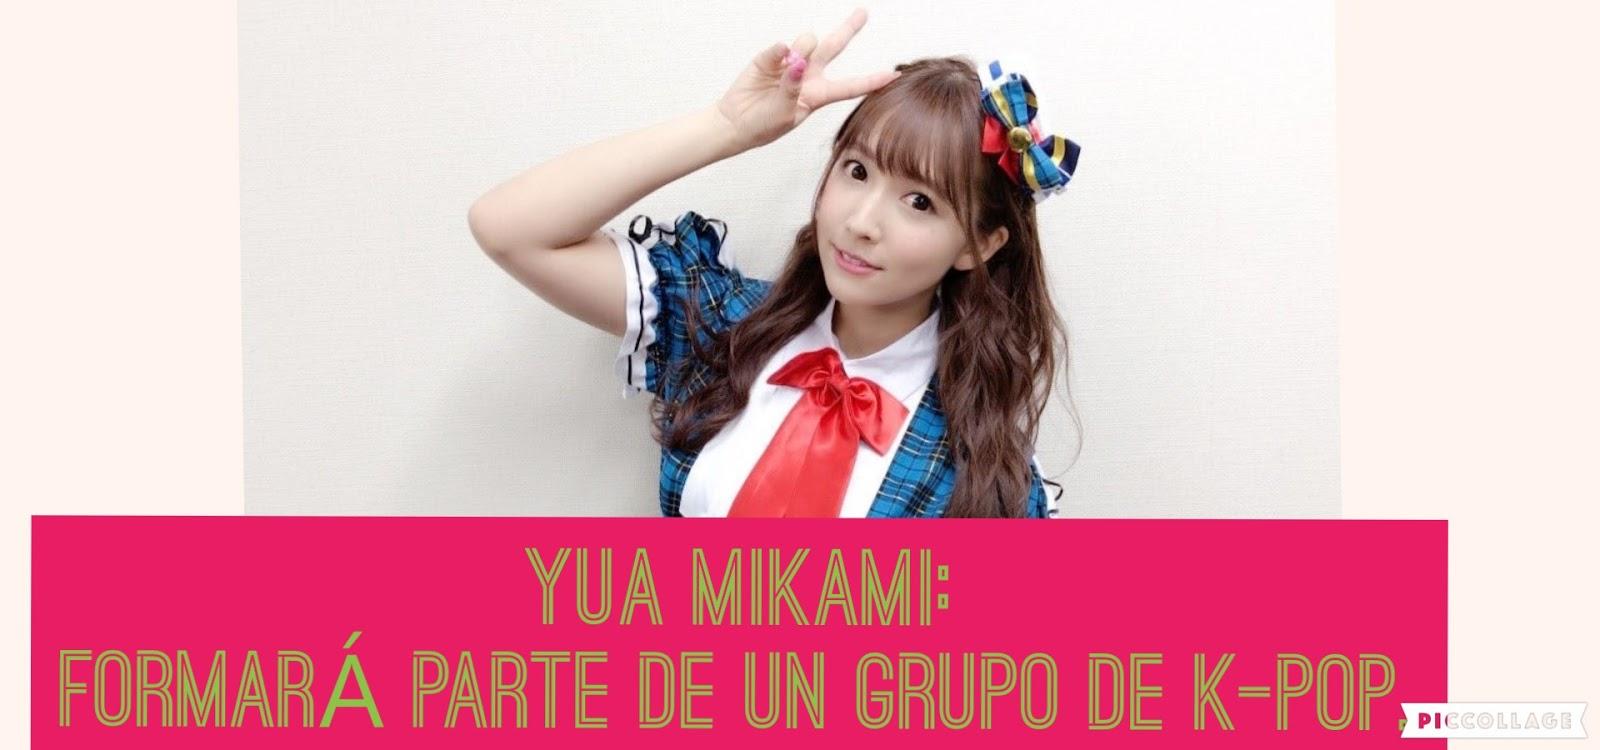 Actrices Porno Japonesas Del Momento yua mikami, actriz porno japonesa, integra un grupo de k-pop